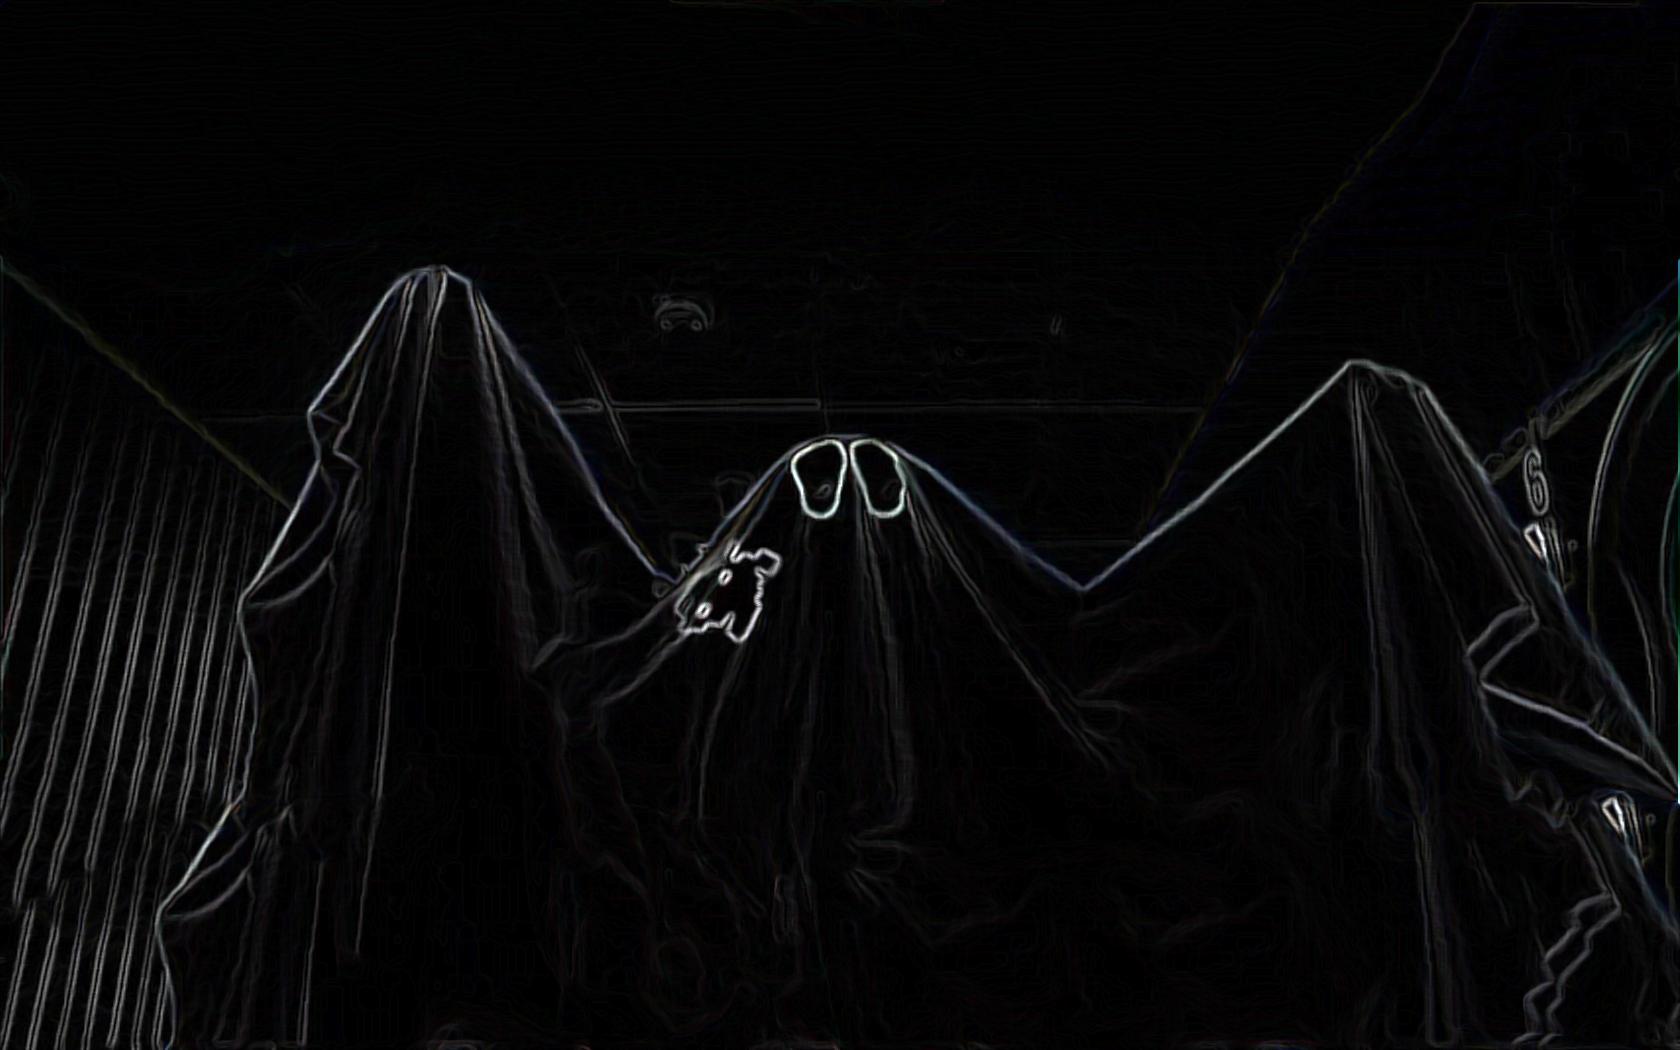 Music - Deadmau5  Wallpaper